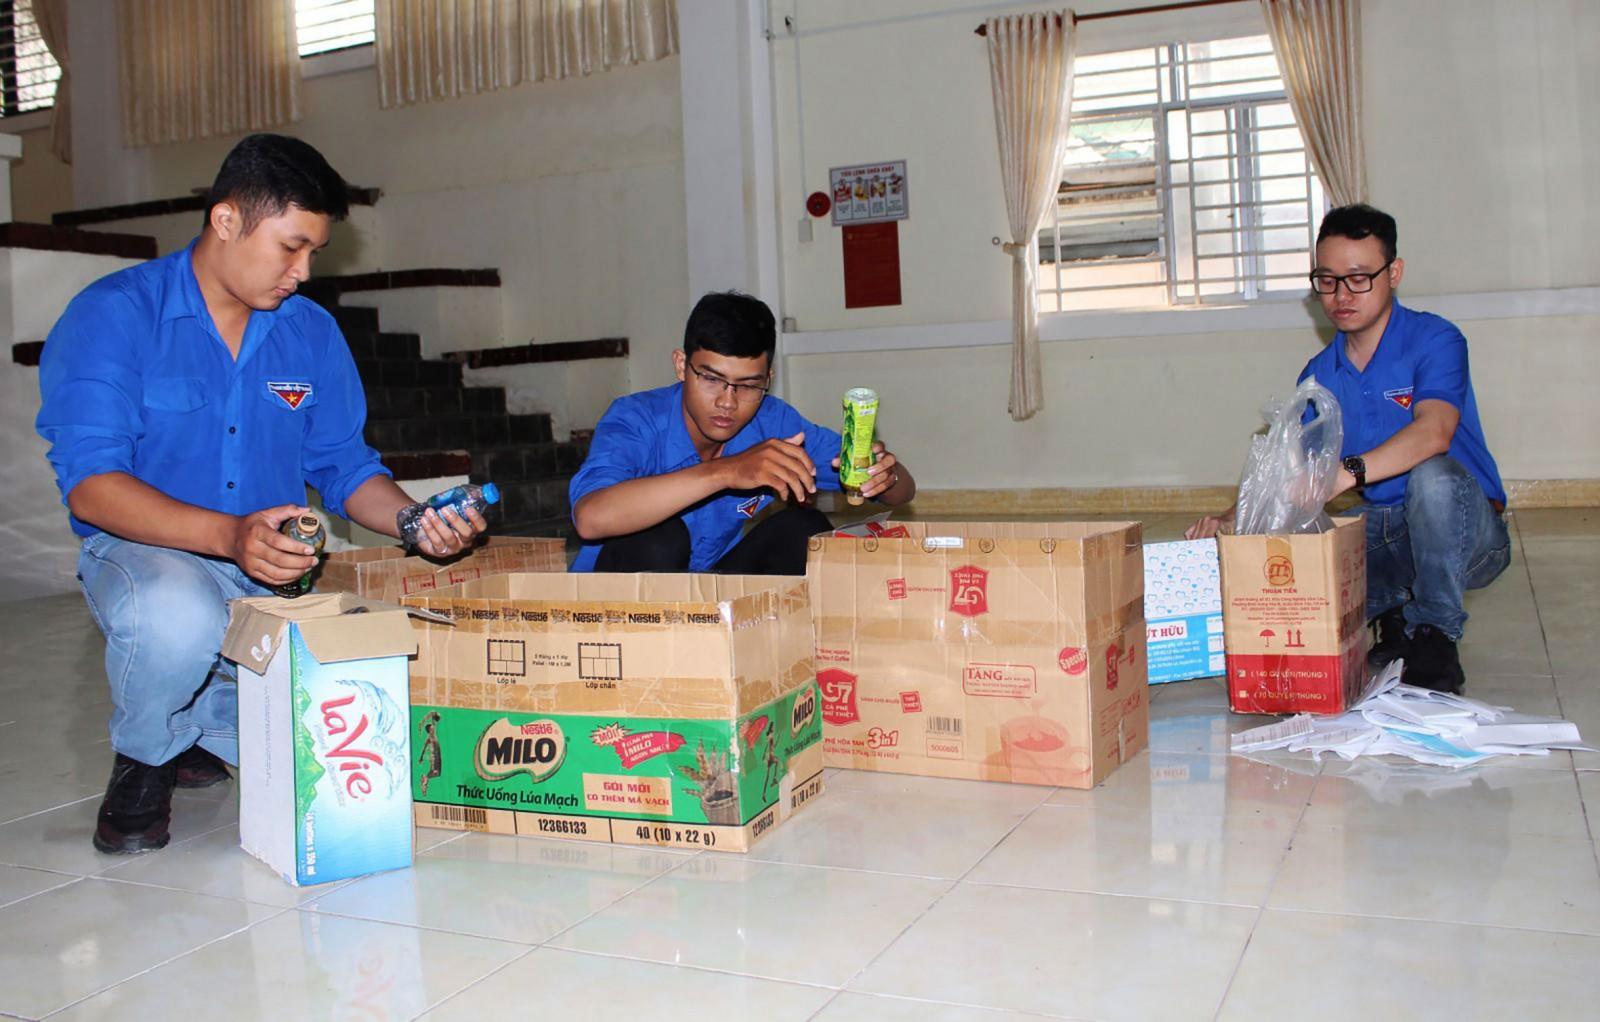 Đoàn viên phường Cái Khế đóng góp chai nhựa, giấy vụn để bán gây quỹ giúp đỡ học sinh vượt khó. Ảnh: PHẠM TRUNG